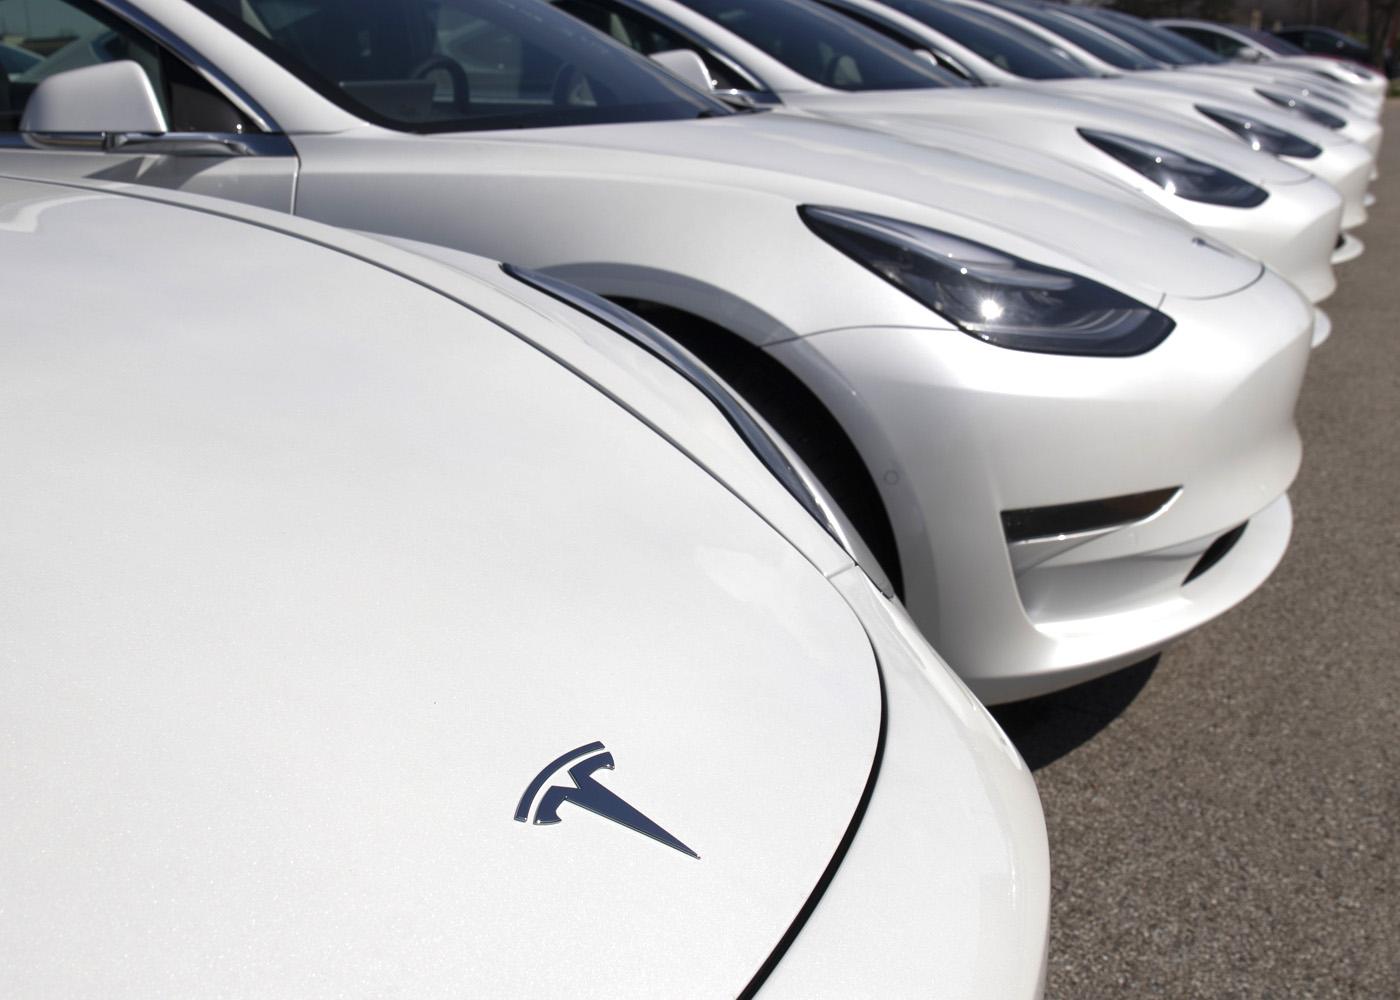 Fleet Alliance sees huge surge in electric vehicle orders